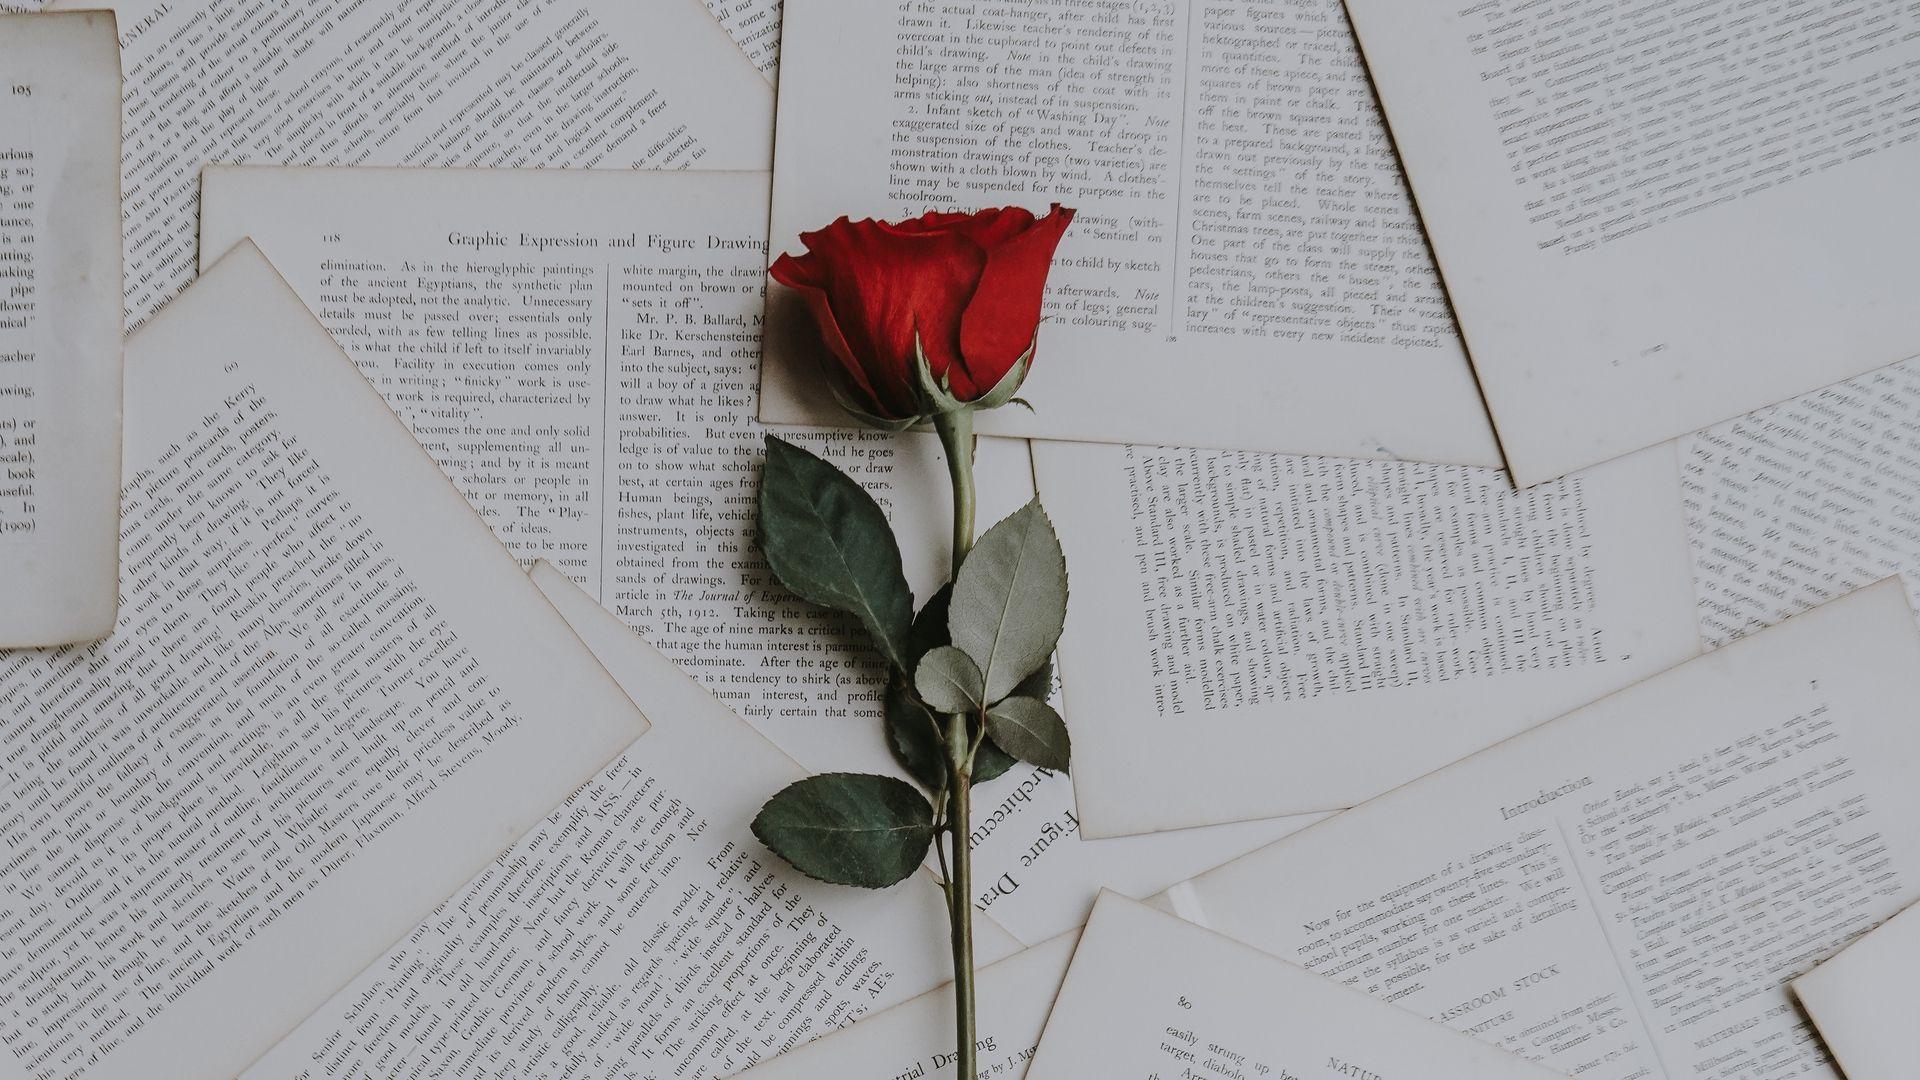 1920x1080 Wallpaper Rose Books Texts Kitap Duvar Kagidi